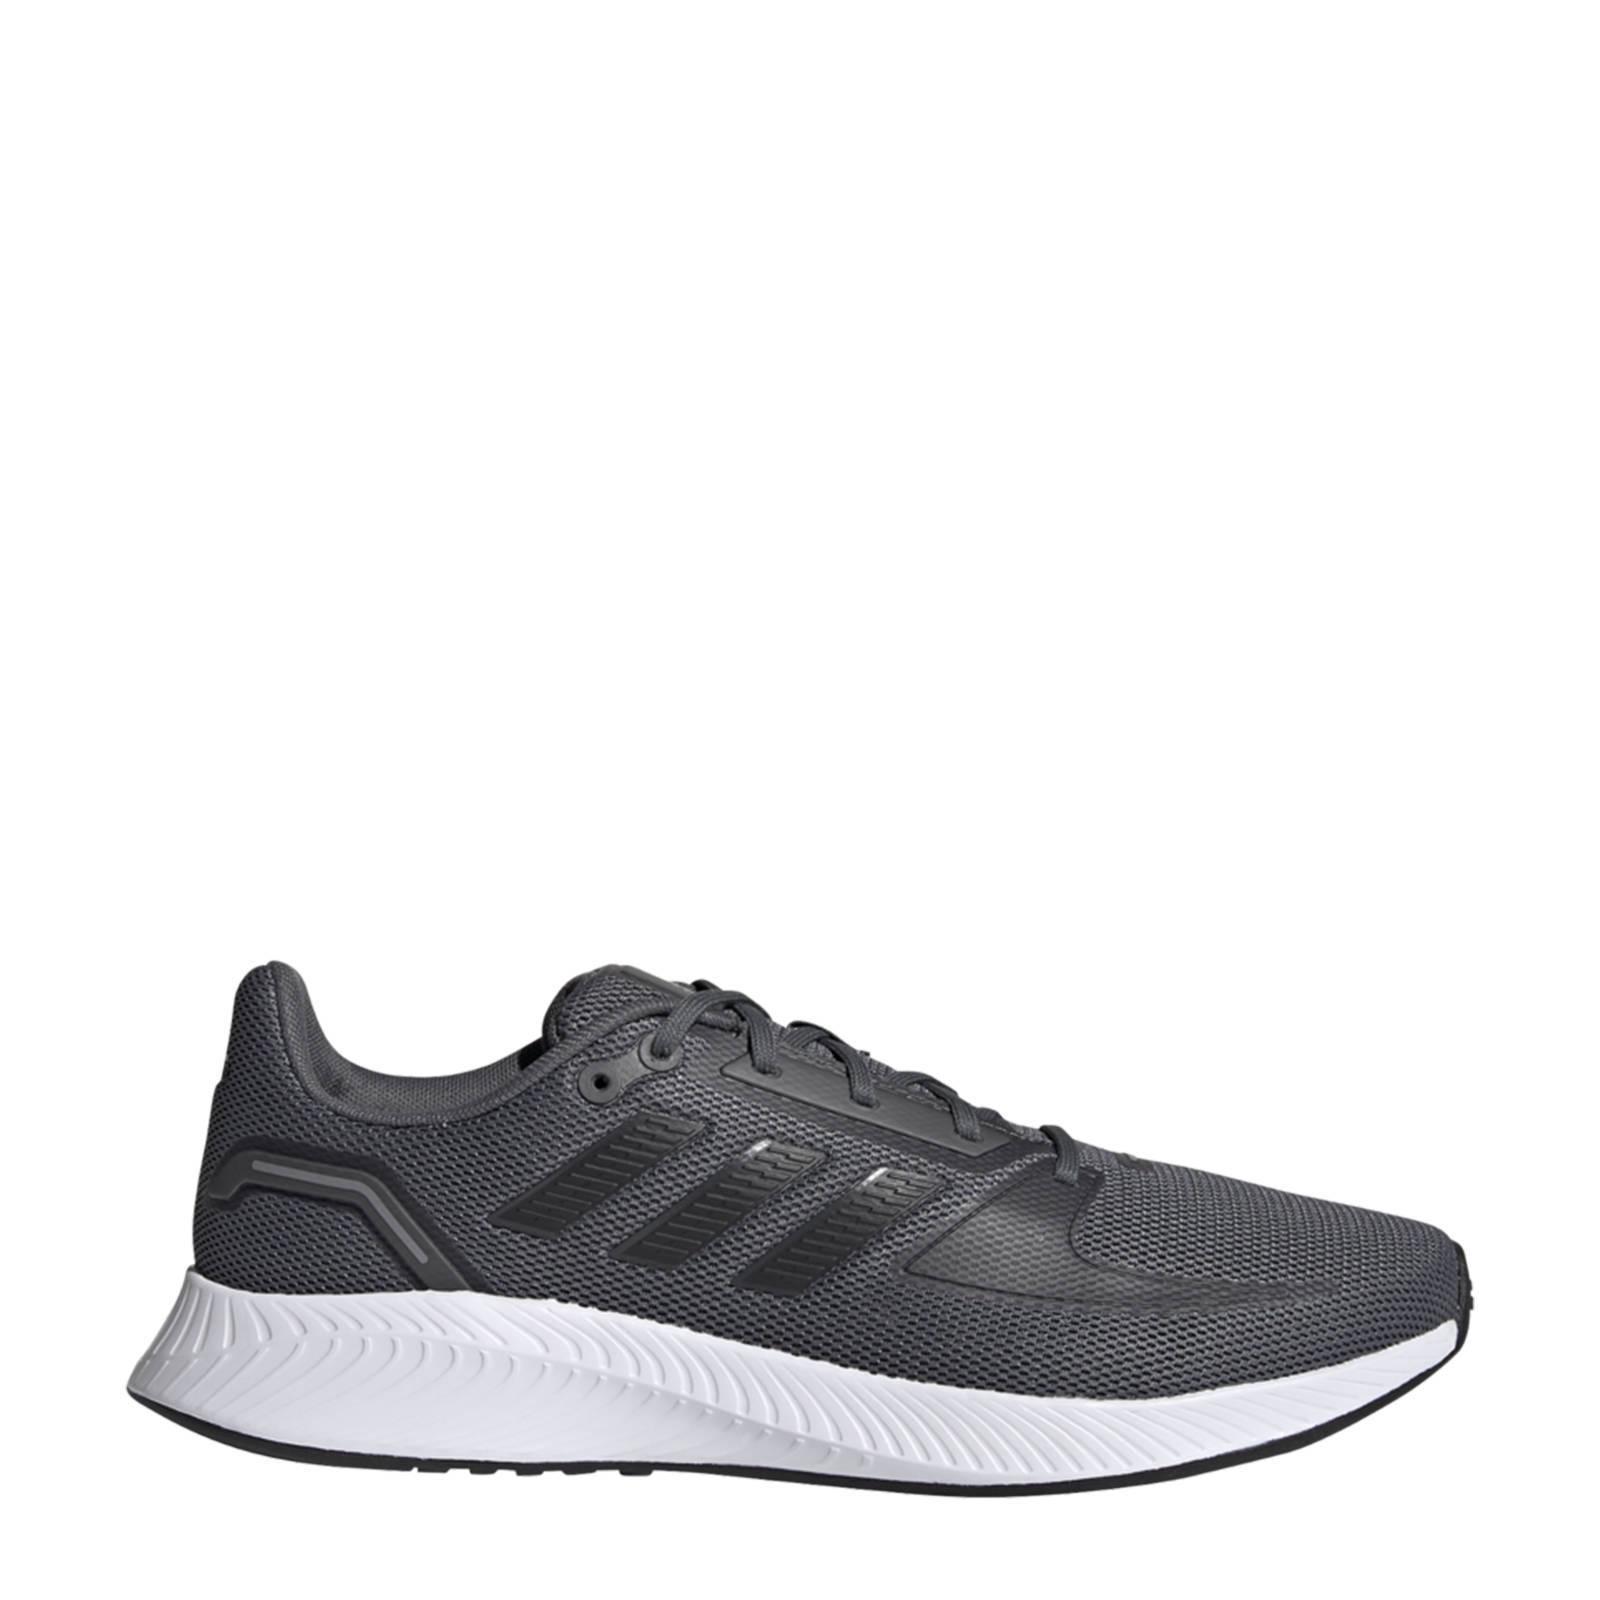 Adidas Performance Runfalcon 2.0 hardloopschoenen grijs/zwart/grijs online kopen